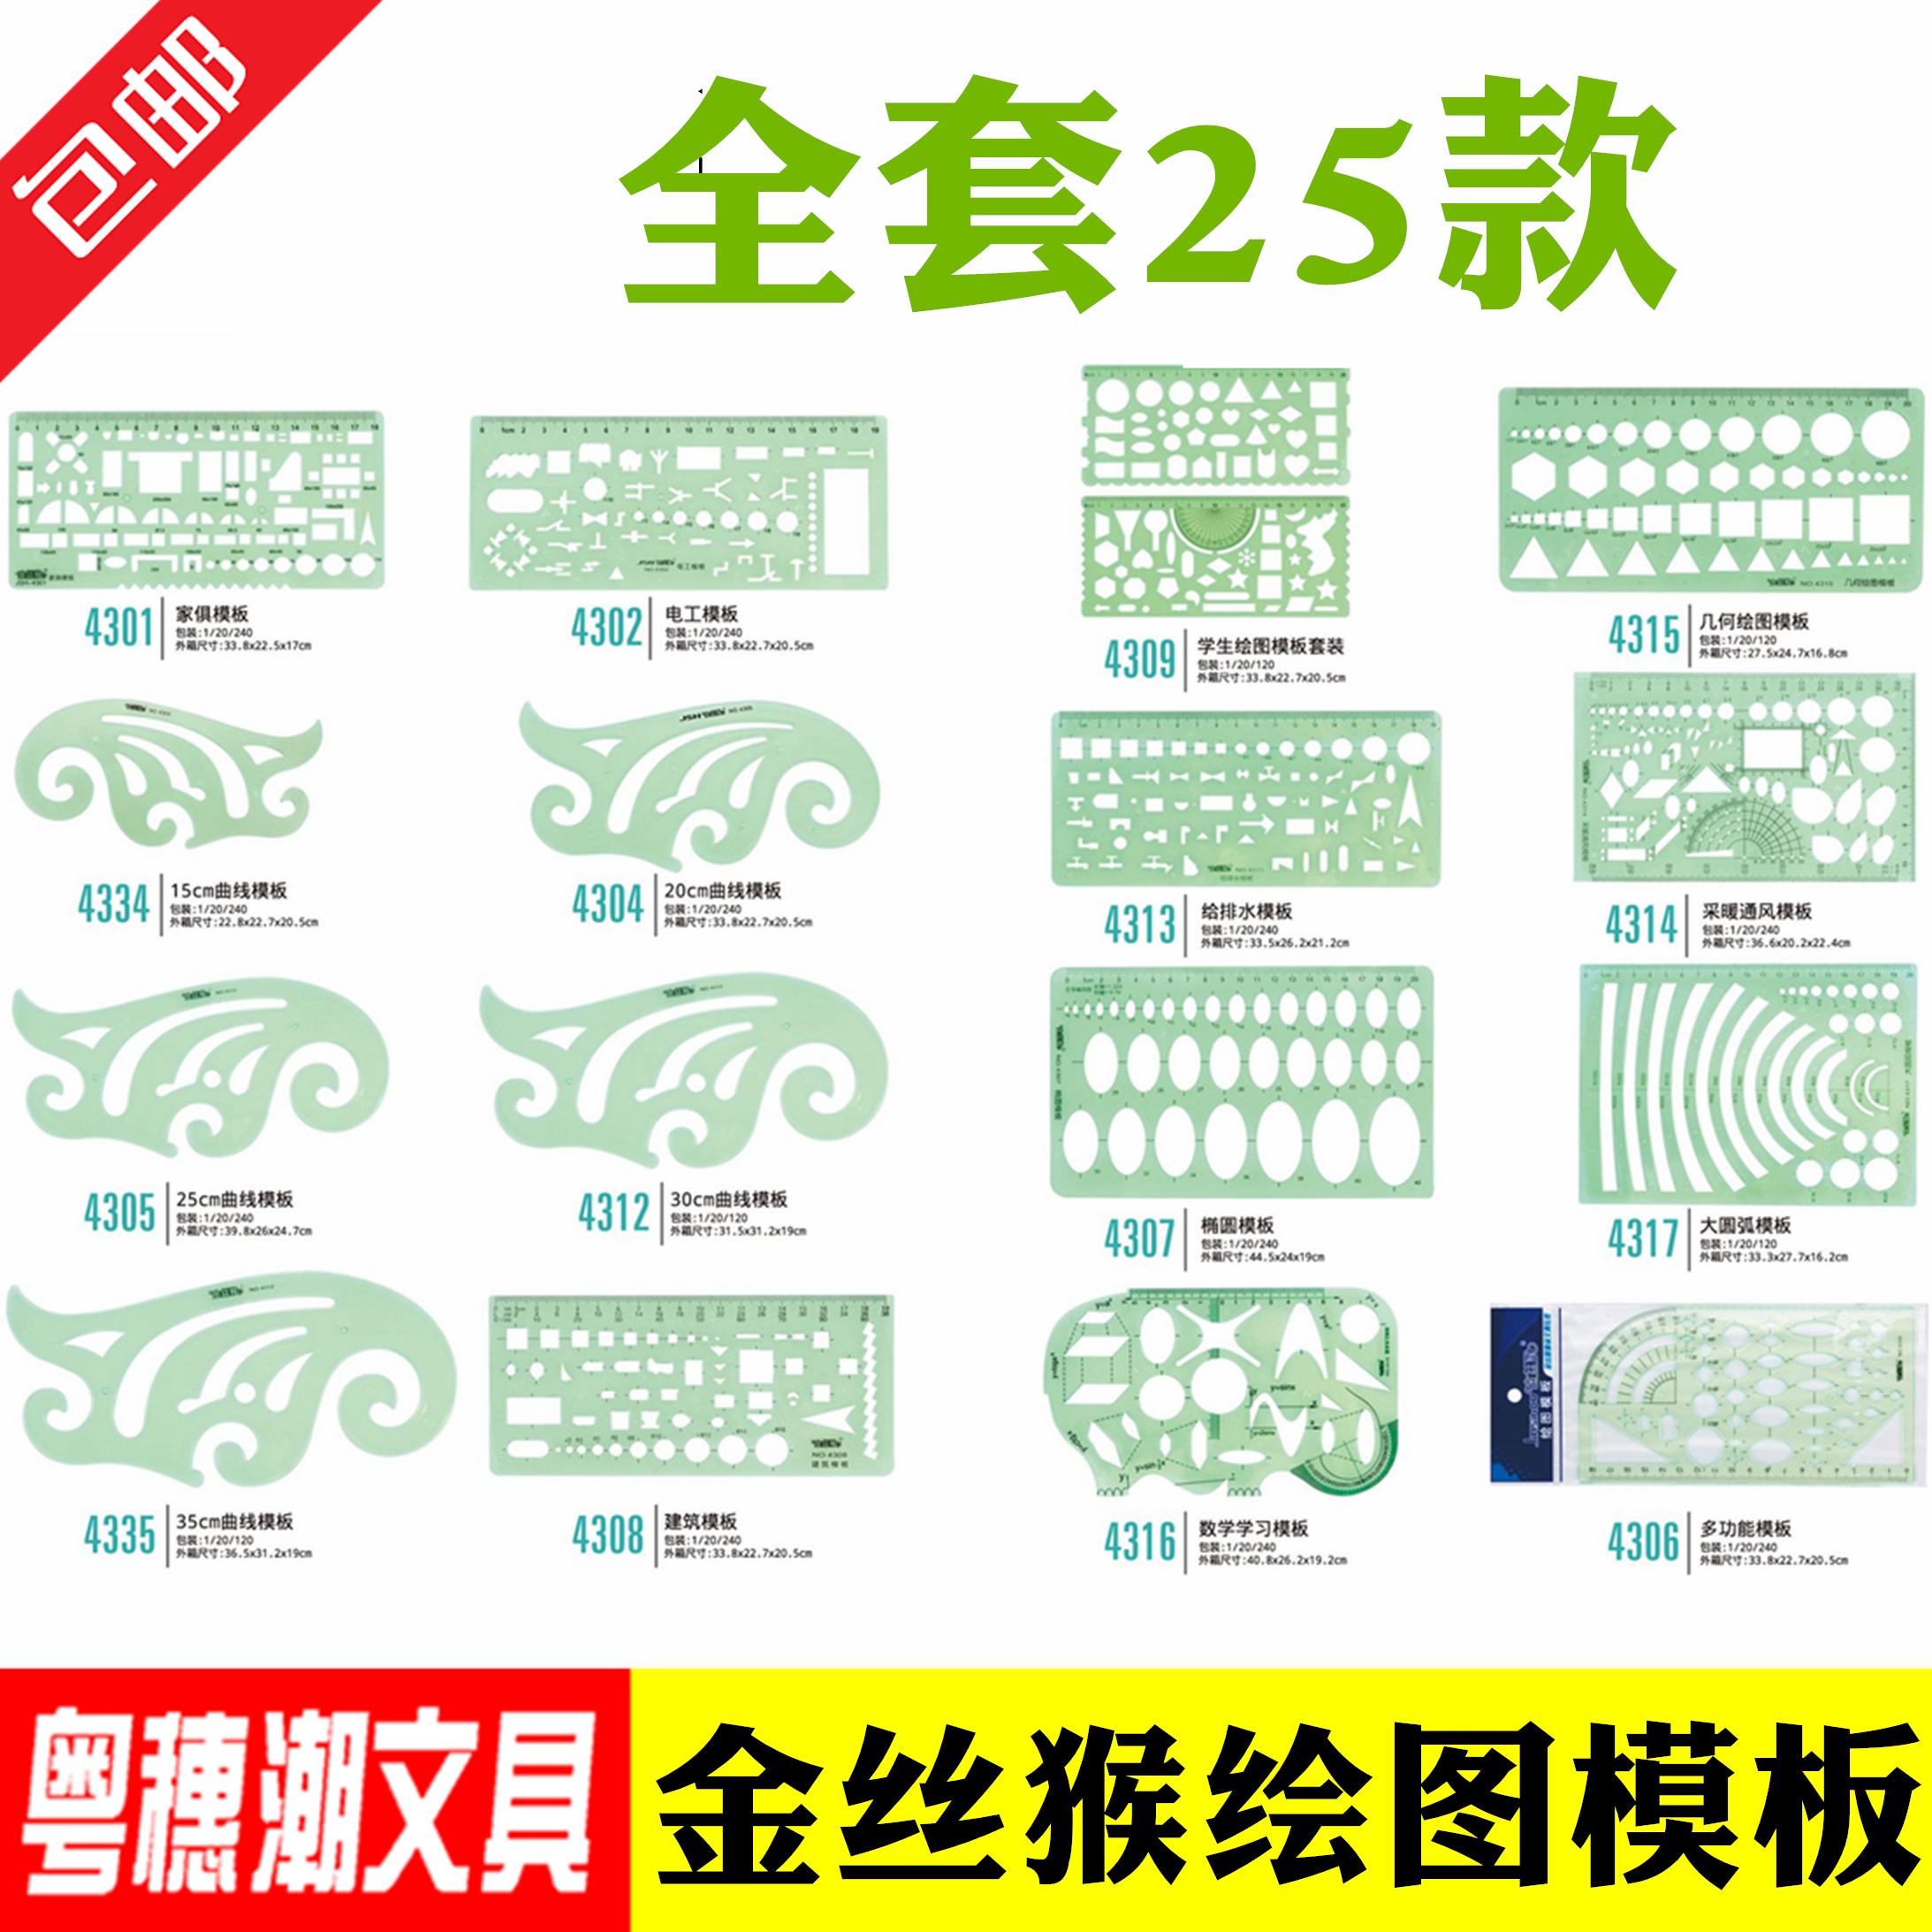 Электронные устройства с письменным вводом символов Артикул 522672734005